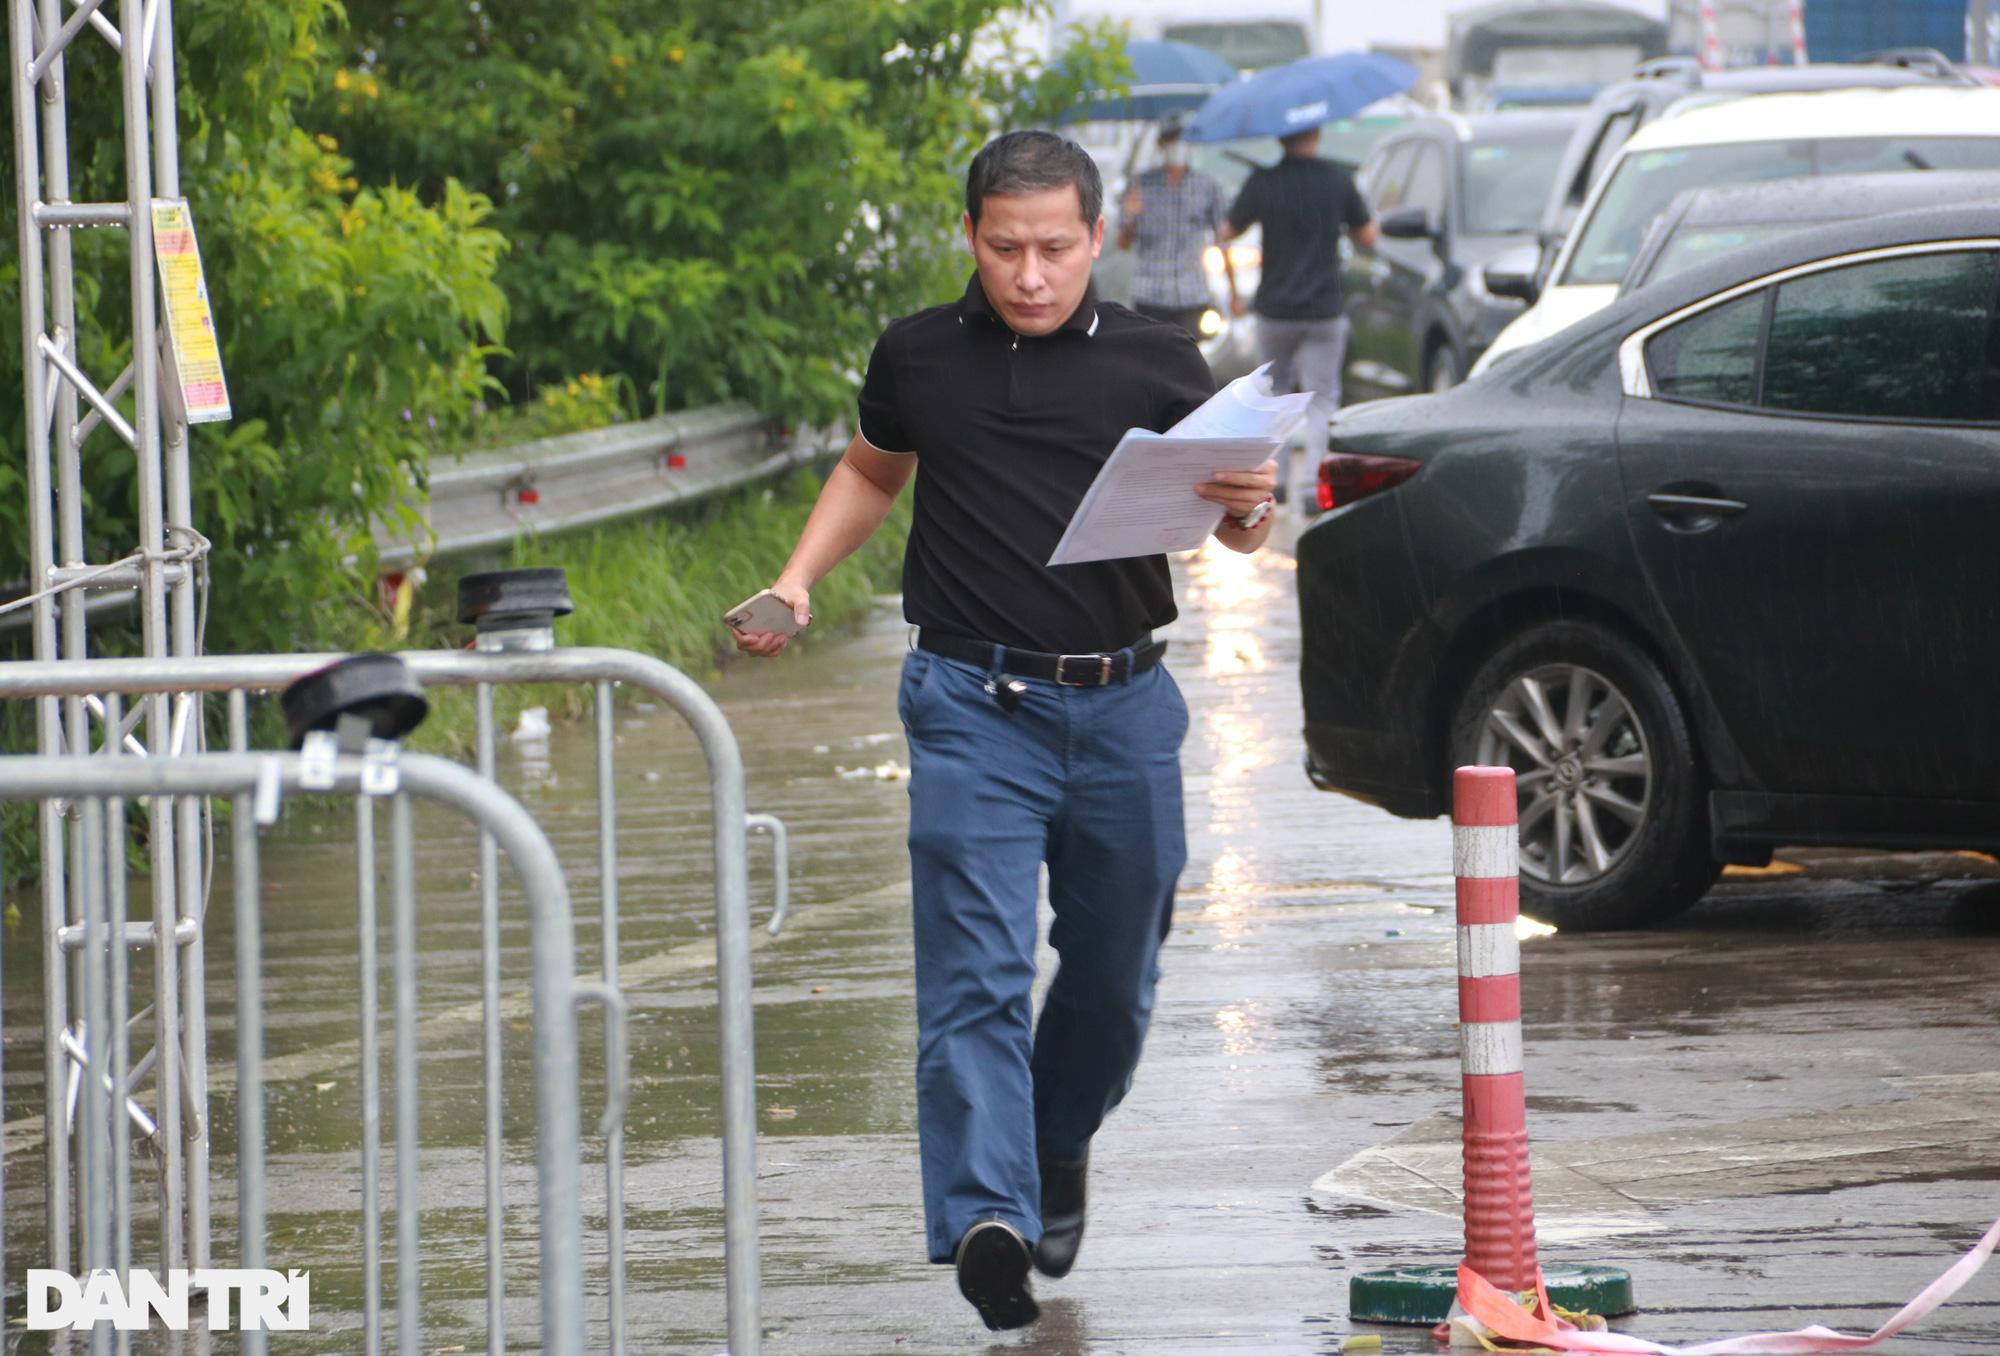 Hà Nội: Đội mưa làm thủ tục qua chốt cửa ngõ, nhiều người phải quay đầu - Ảnh 9.